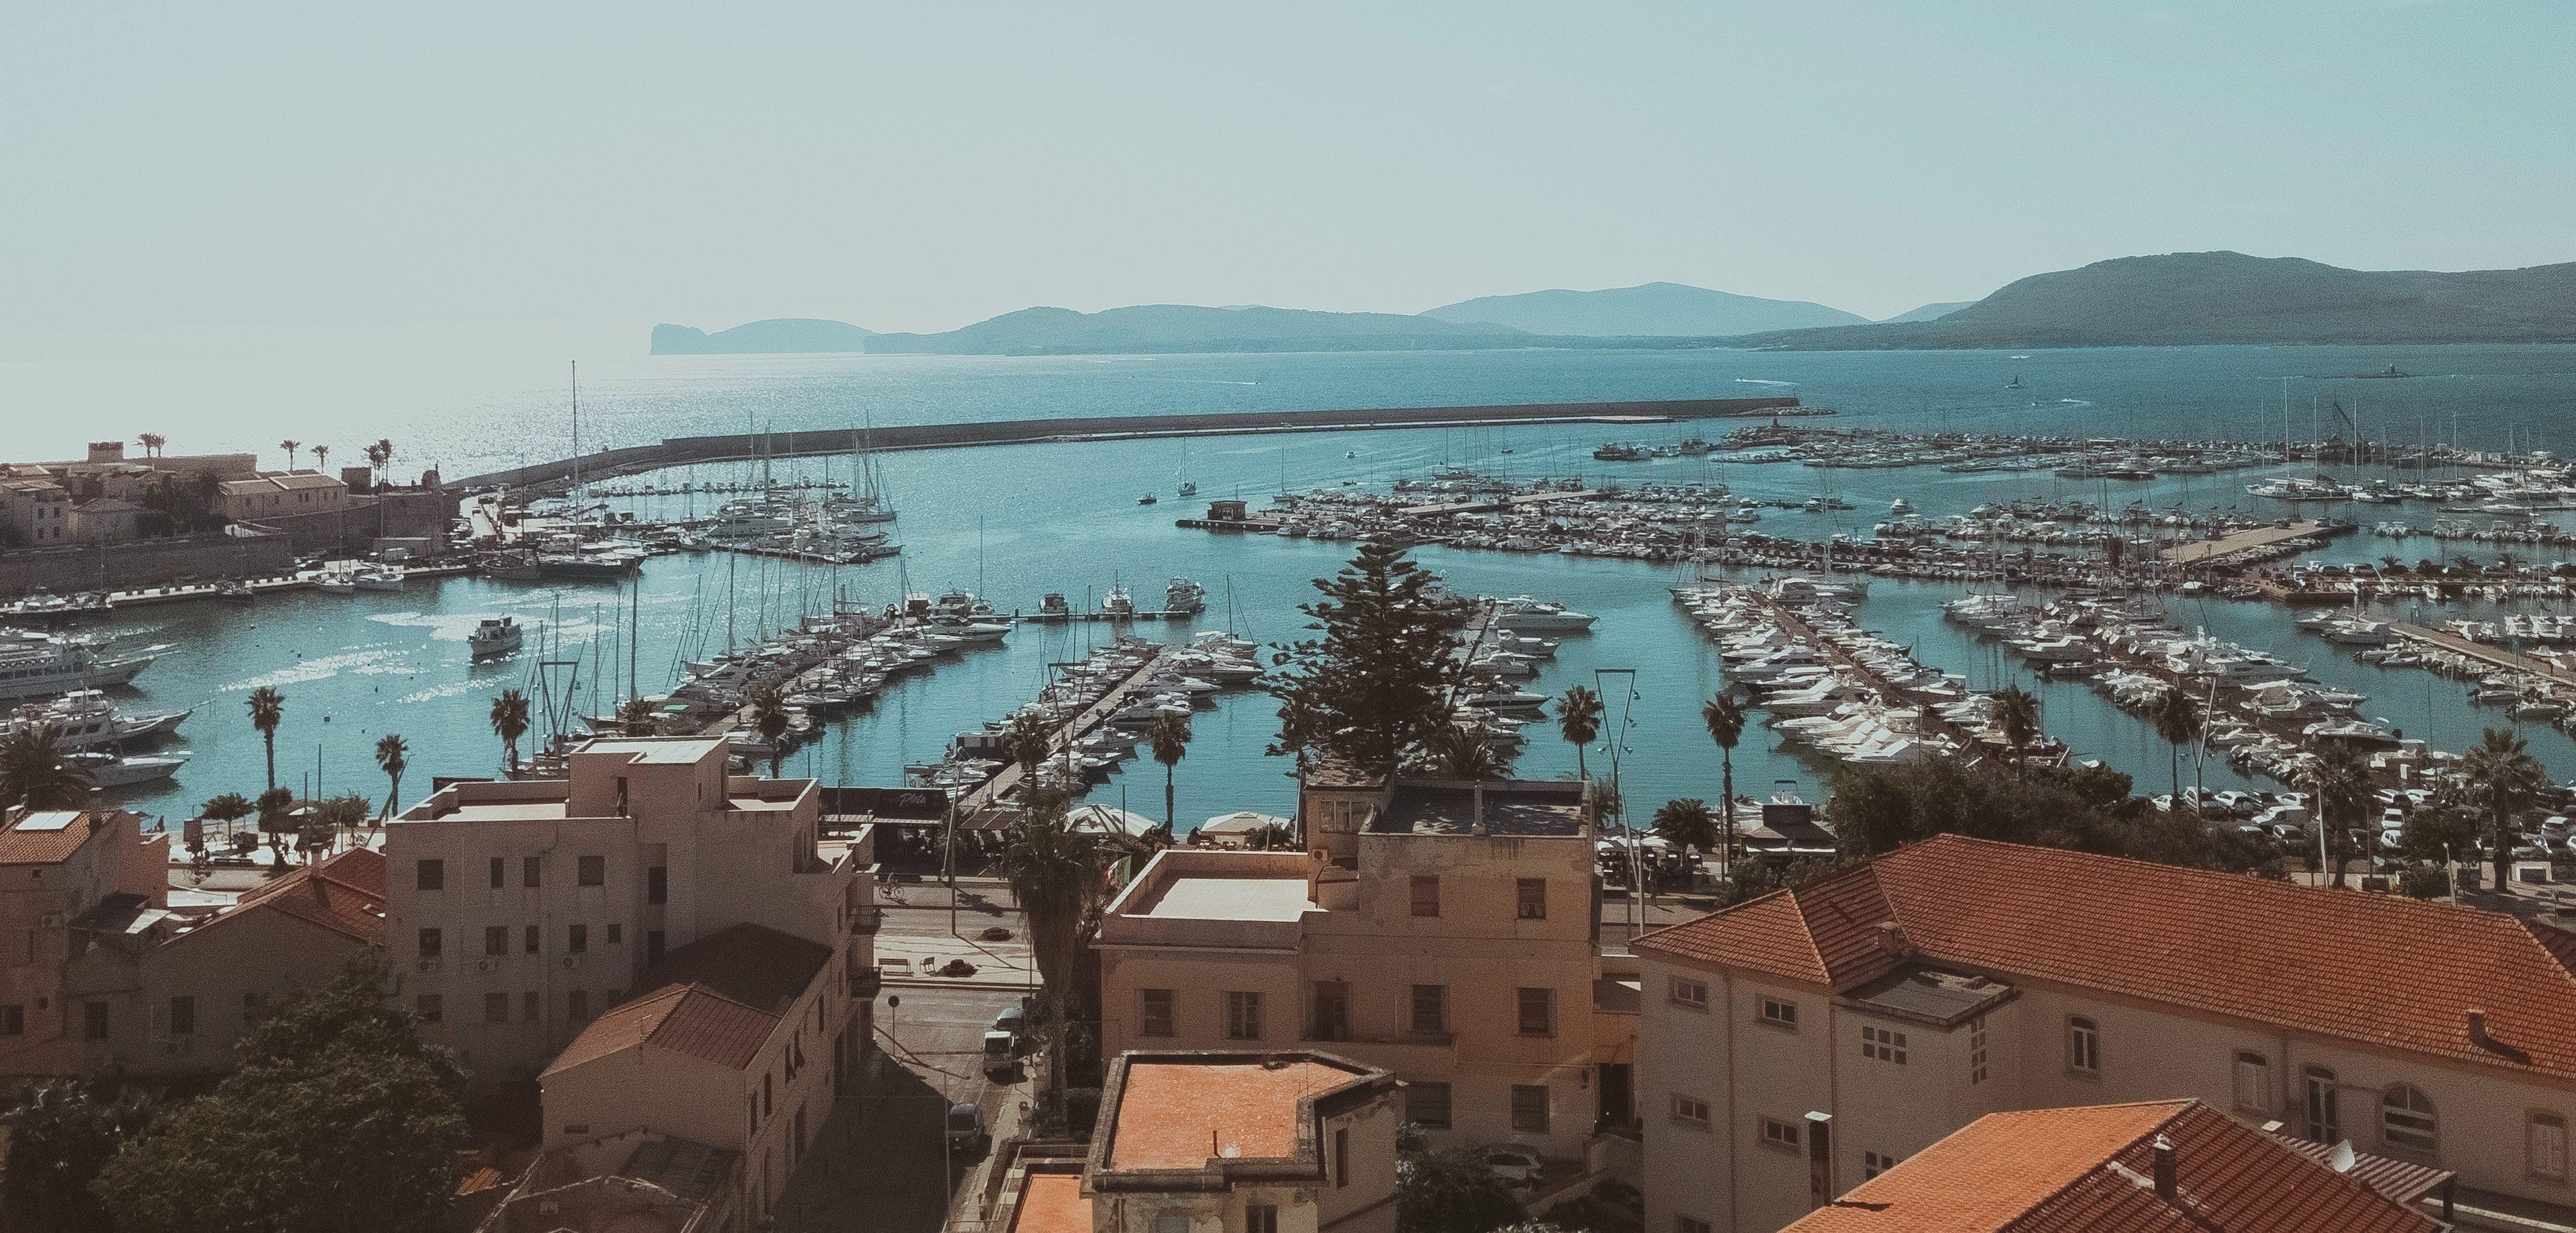 Capri 10 legjobb szállodája | Olasz szállások Capri tájain